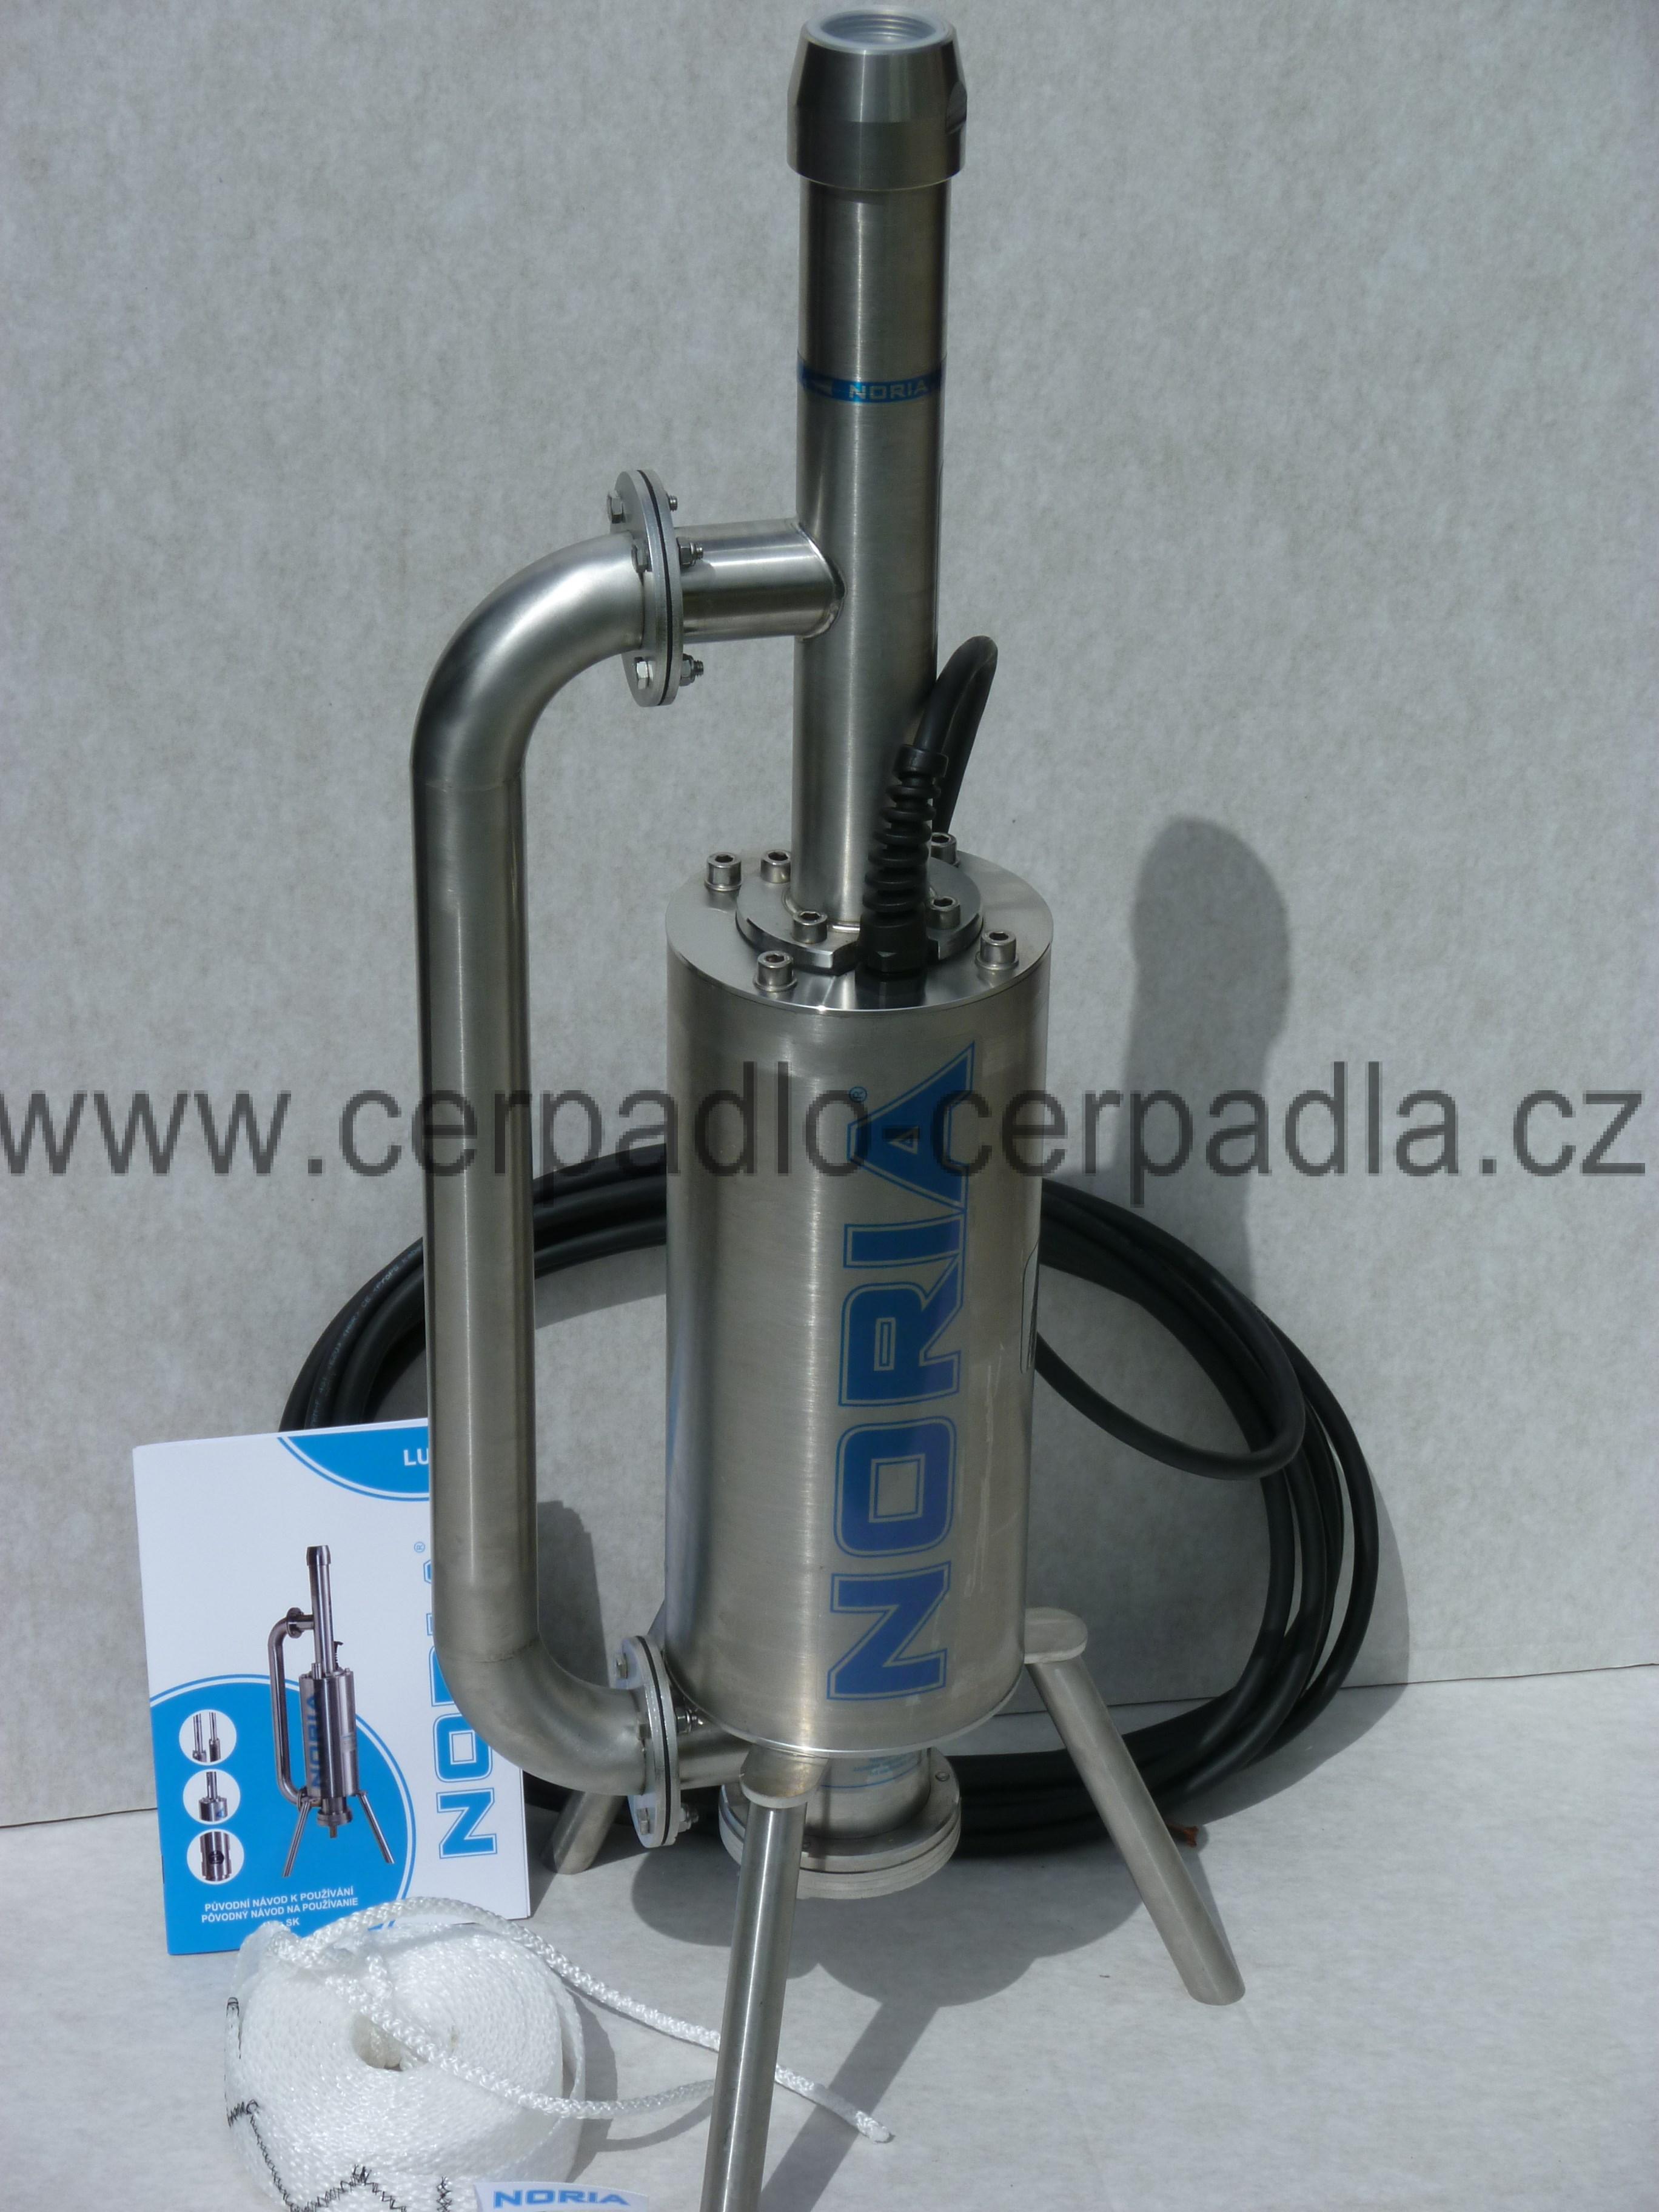 NORIA LUCA-100-16-N3, 10m, kalové čerpadlo, klapka (kalové čerpadlo, AKCE DOPRAVA ZDARMA, kalová čerpadla LUCA, podobné jako EFRU)